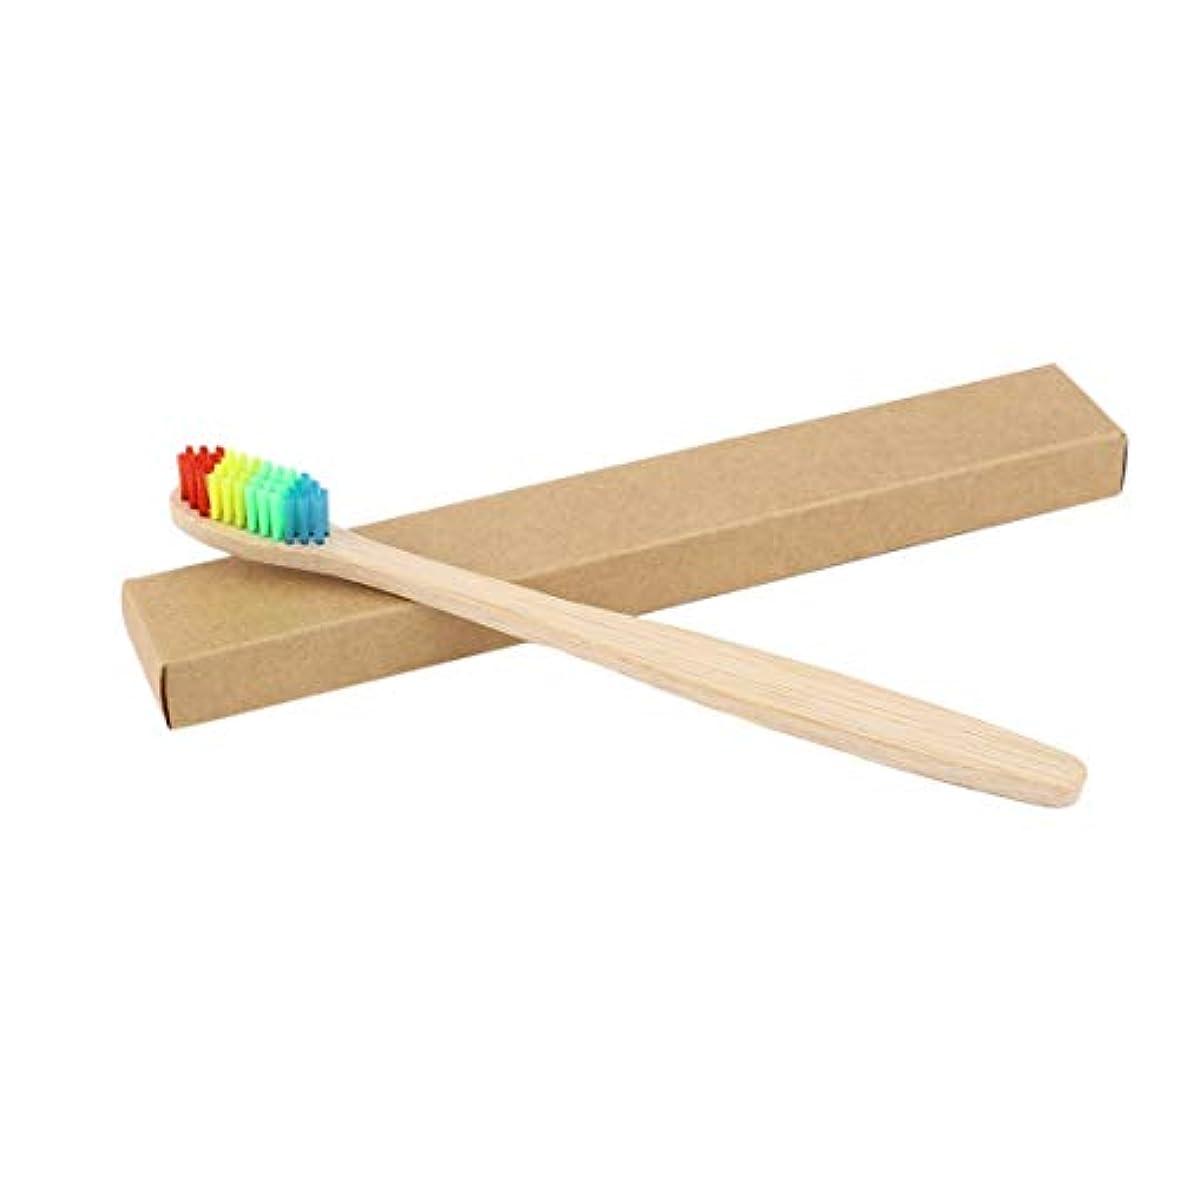 カラフルな髪+竹のハンドル歯ブラシ環境木製の虹竹の歯ブラシオーラルケアソフト剛毛ユニセックス - ウッドカラー+カラフル